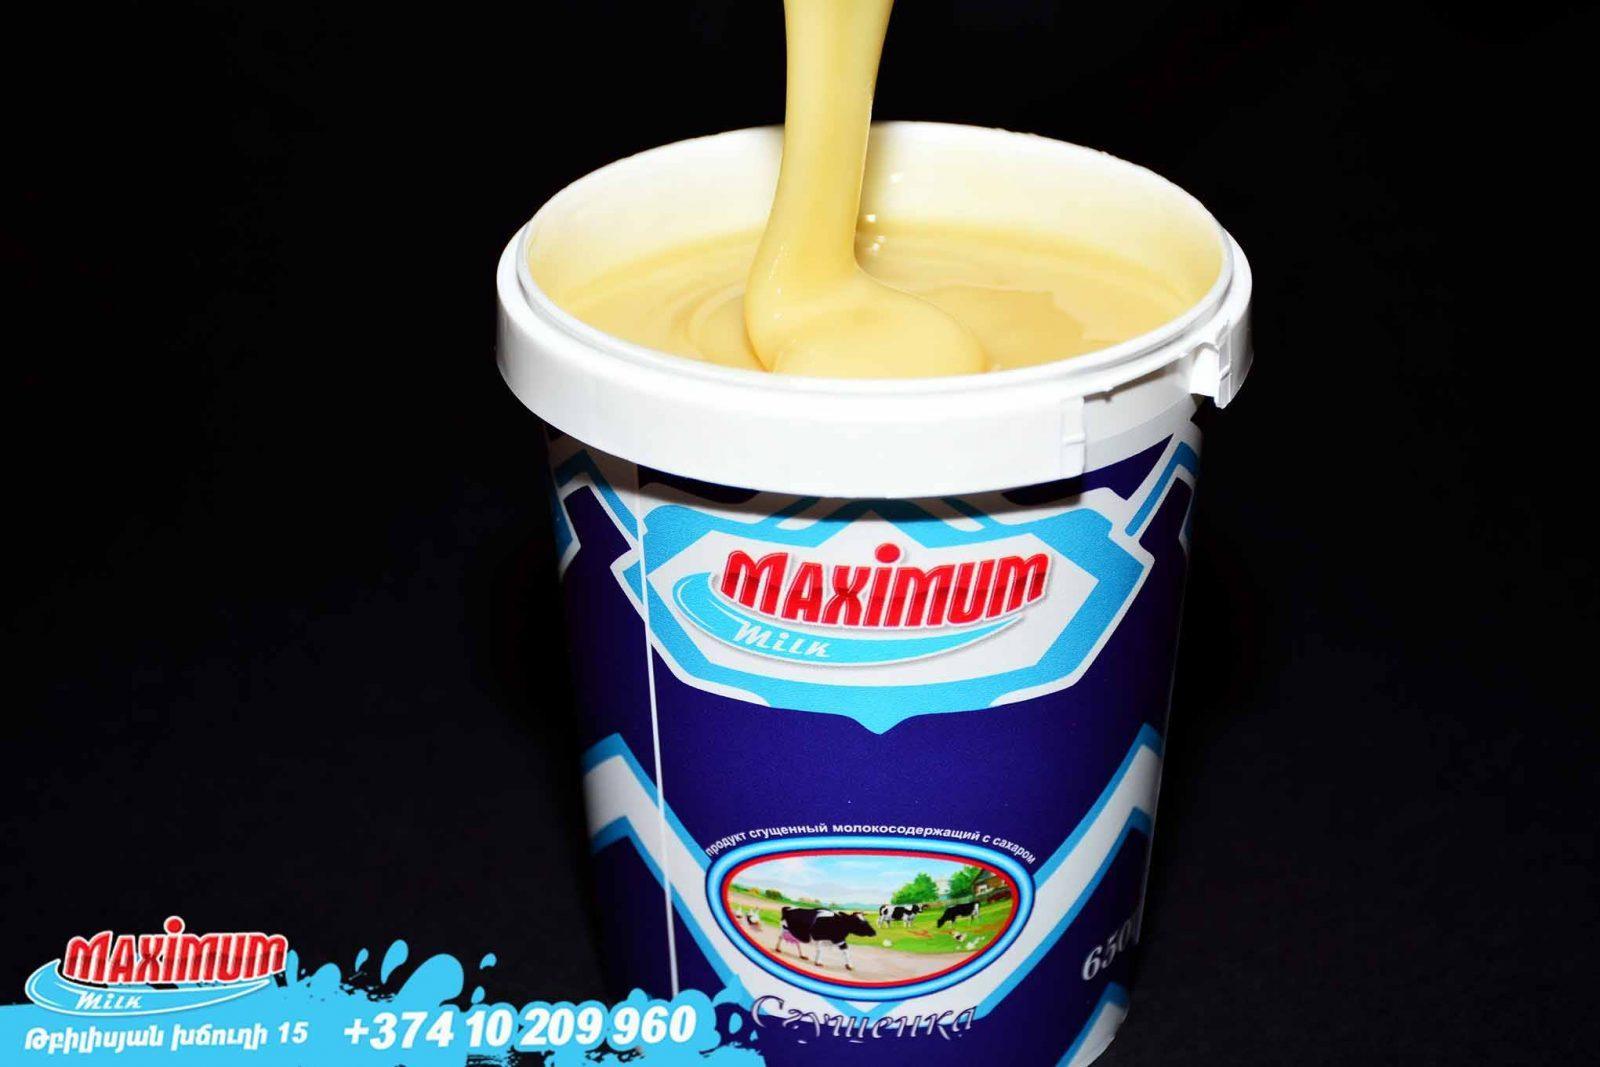 Մաքսիմում շատ դրական էմոցիաներ Maximum Milk-ից…